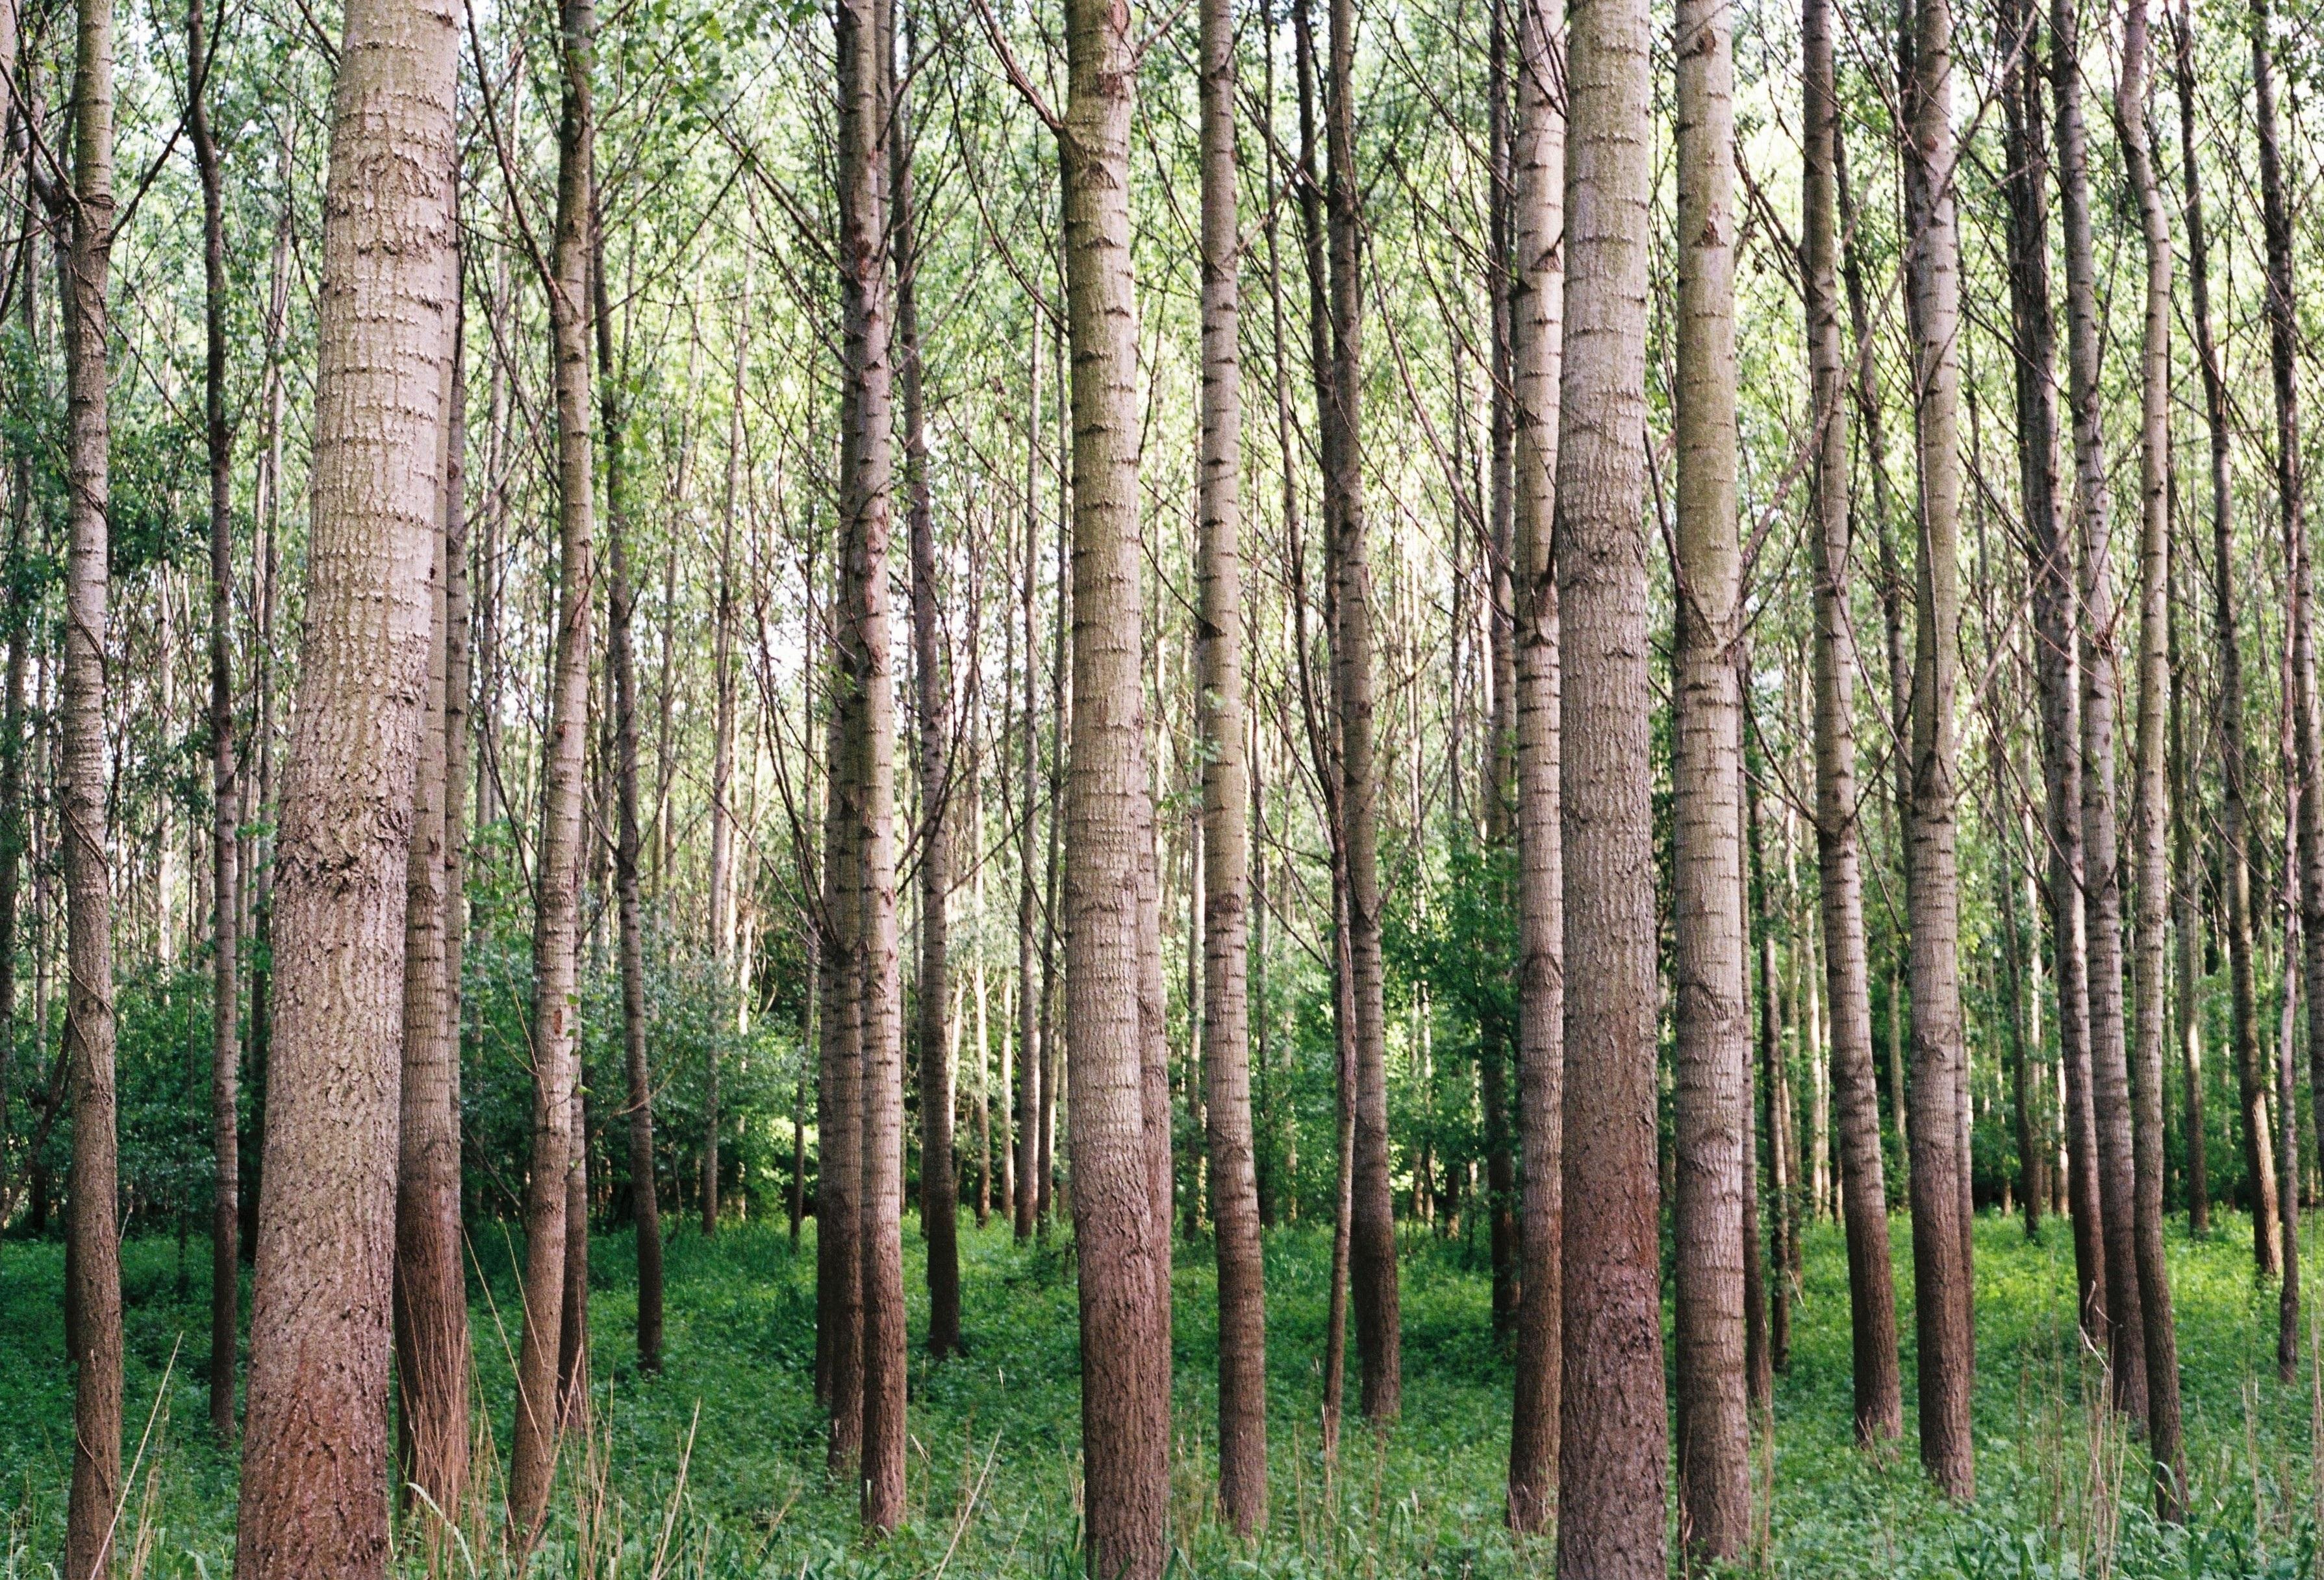 129627 Hintergrundbild 128x160 kostenlos auf deinem Handy, lade Bilder Natur, Bäume, Grass, Wald 128x160 auf dein Handy herunter